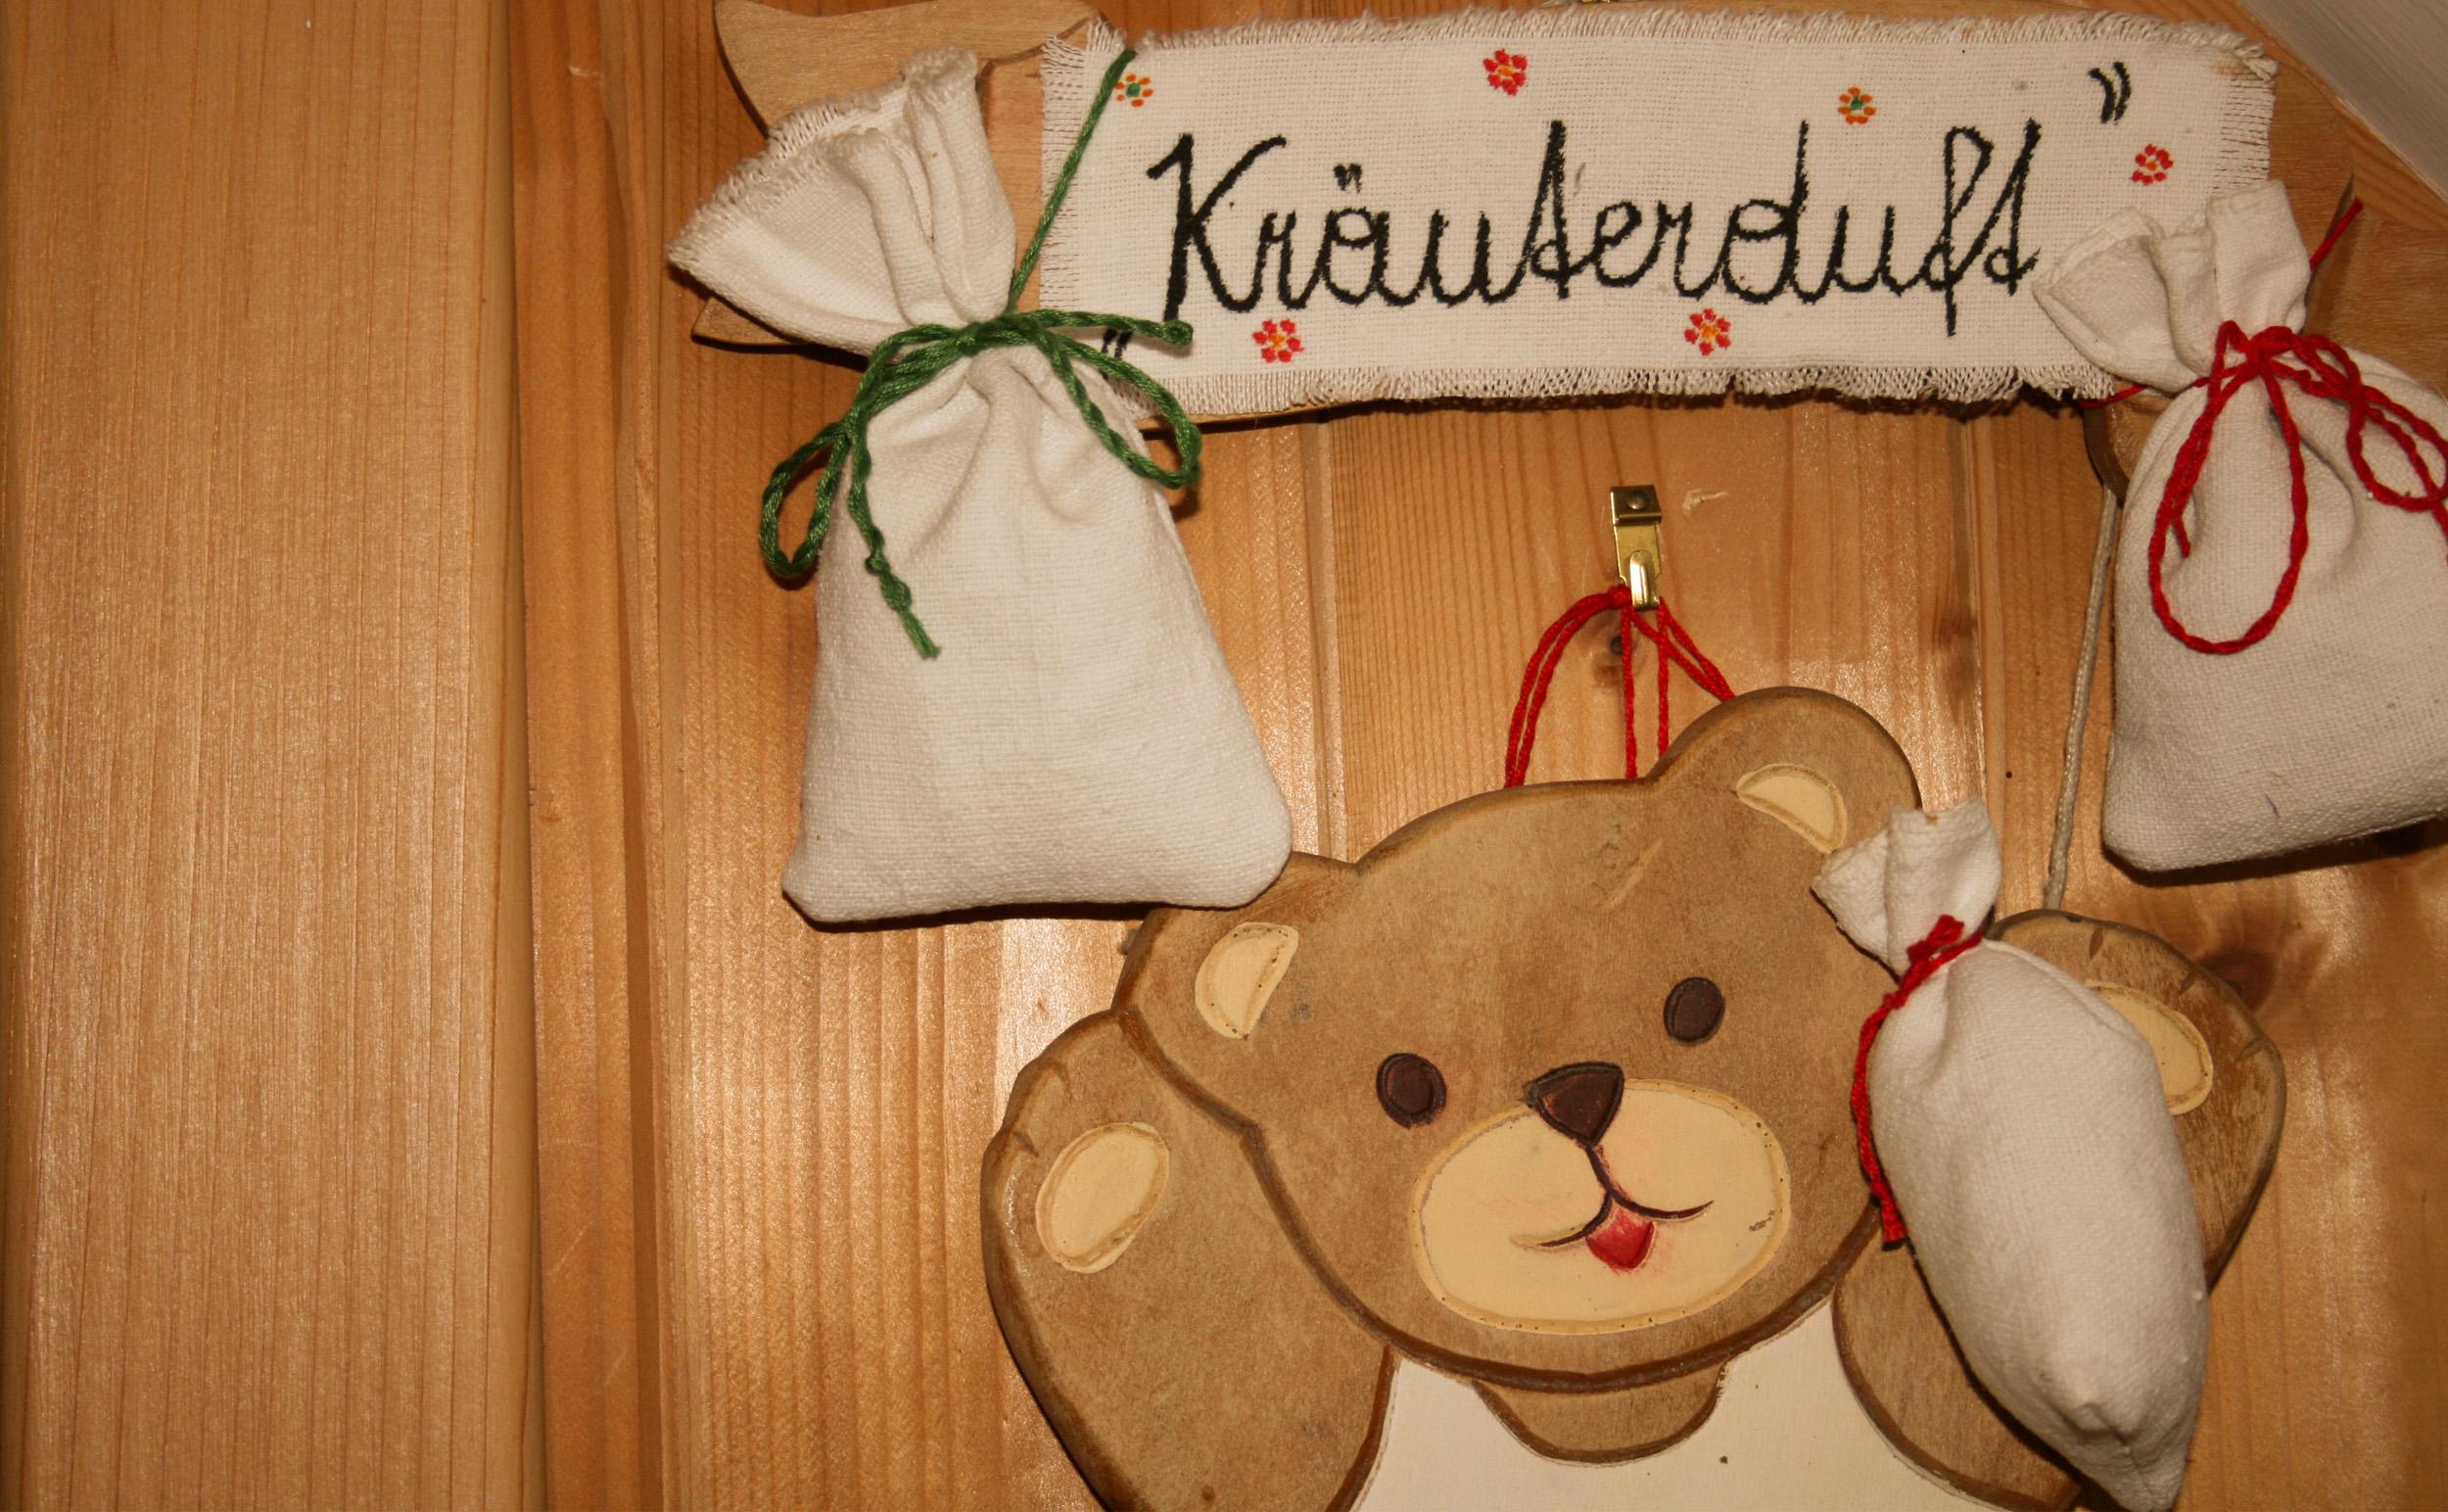 Ferienhaus mit Landhaus-Suite Kräuterduft nahe Riegersburg bei Feldbach